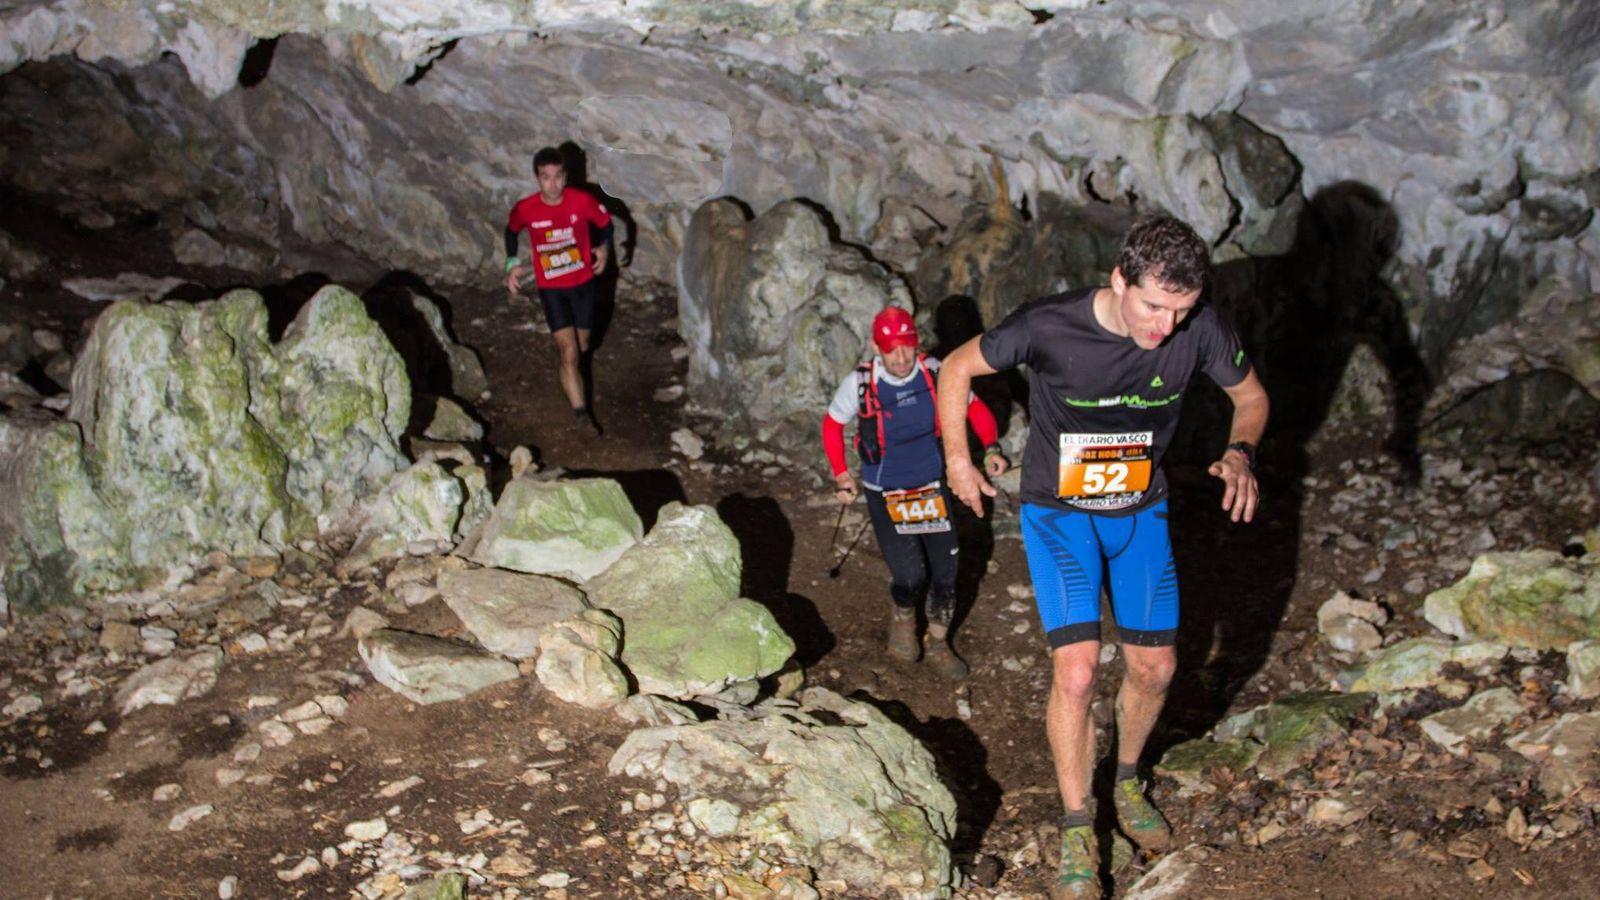 Foto: Unos corredores compitiendo en las cuevas (Ardiel).